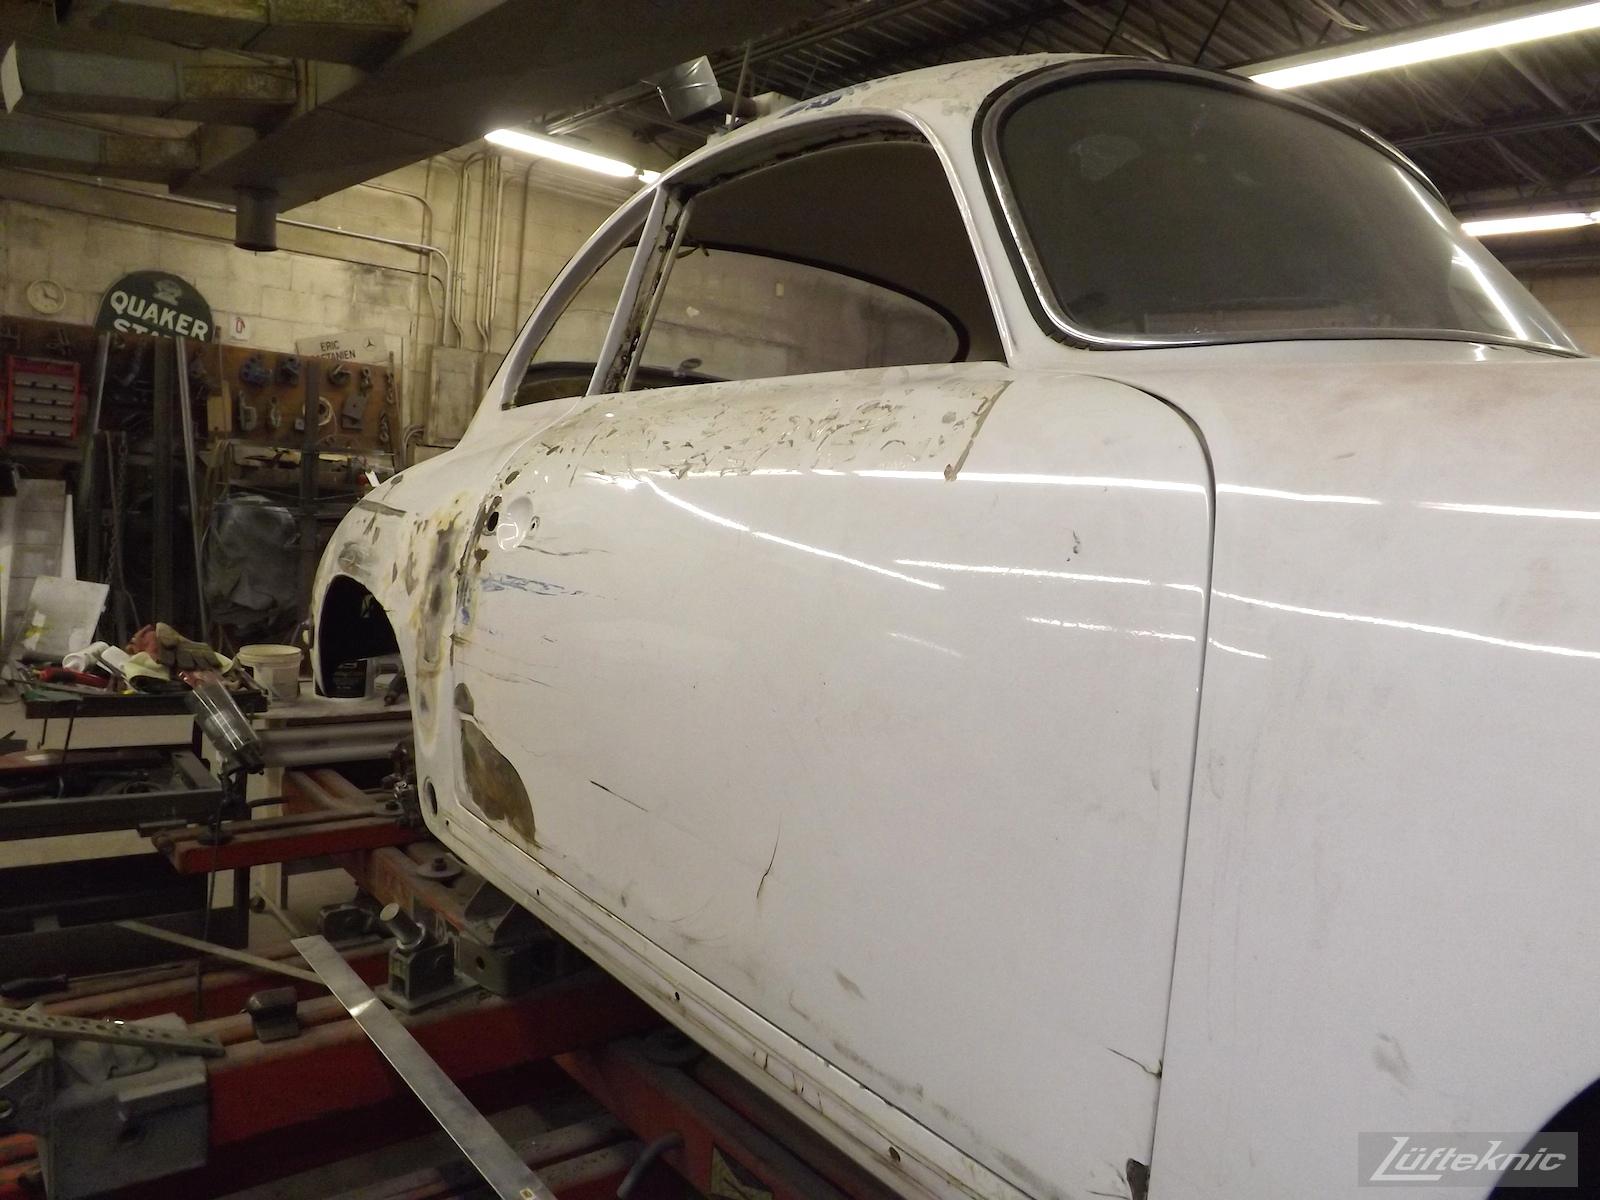 Chassis straightening on a 1964 Porsche 356SC restoration.